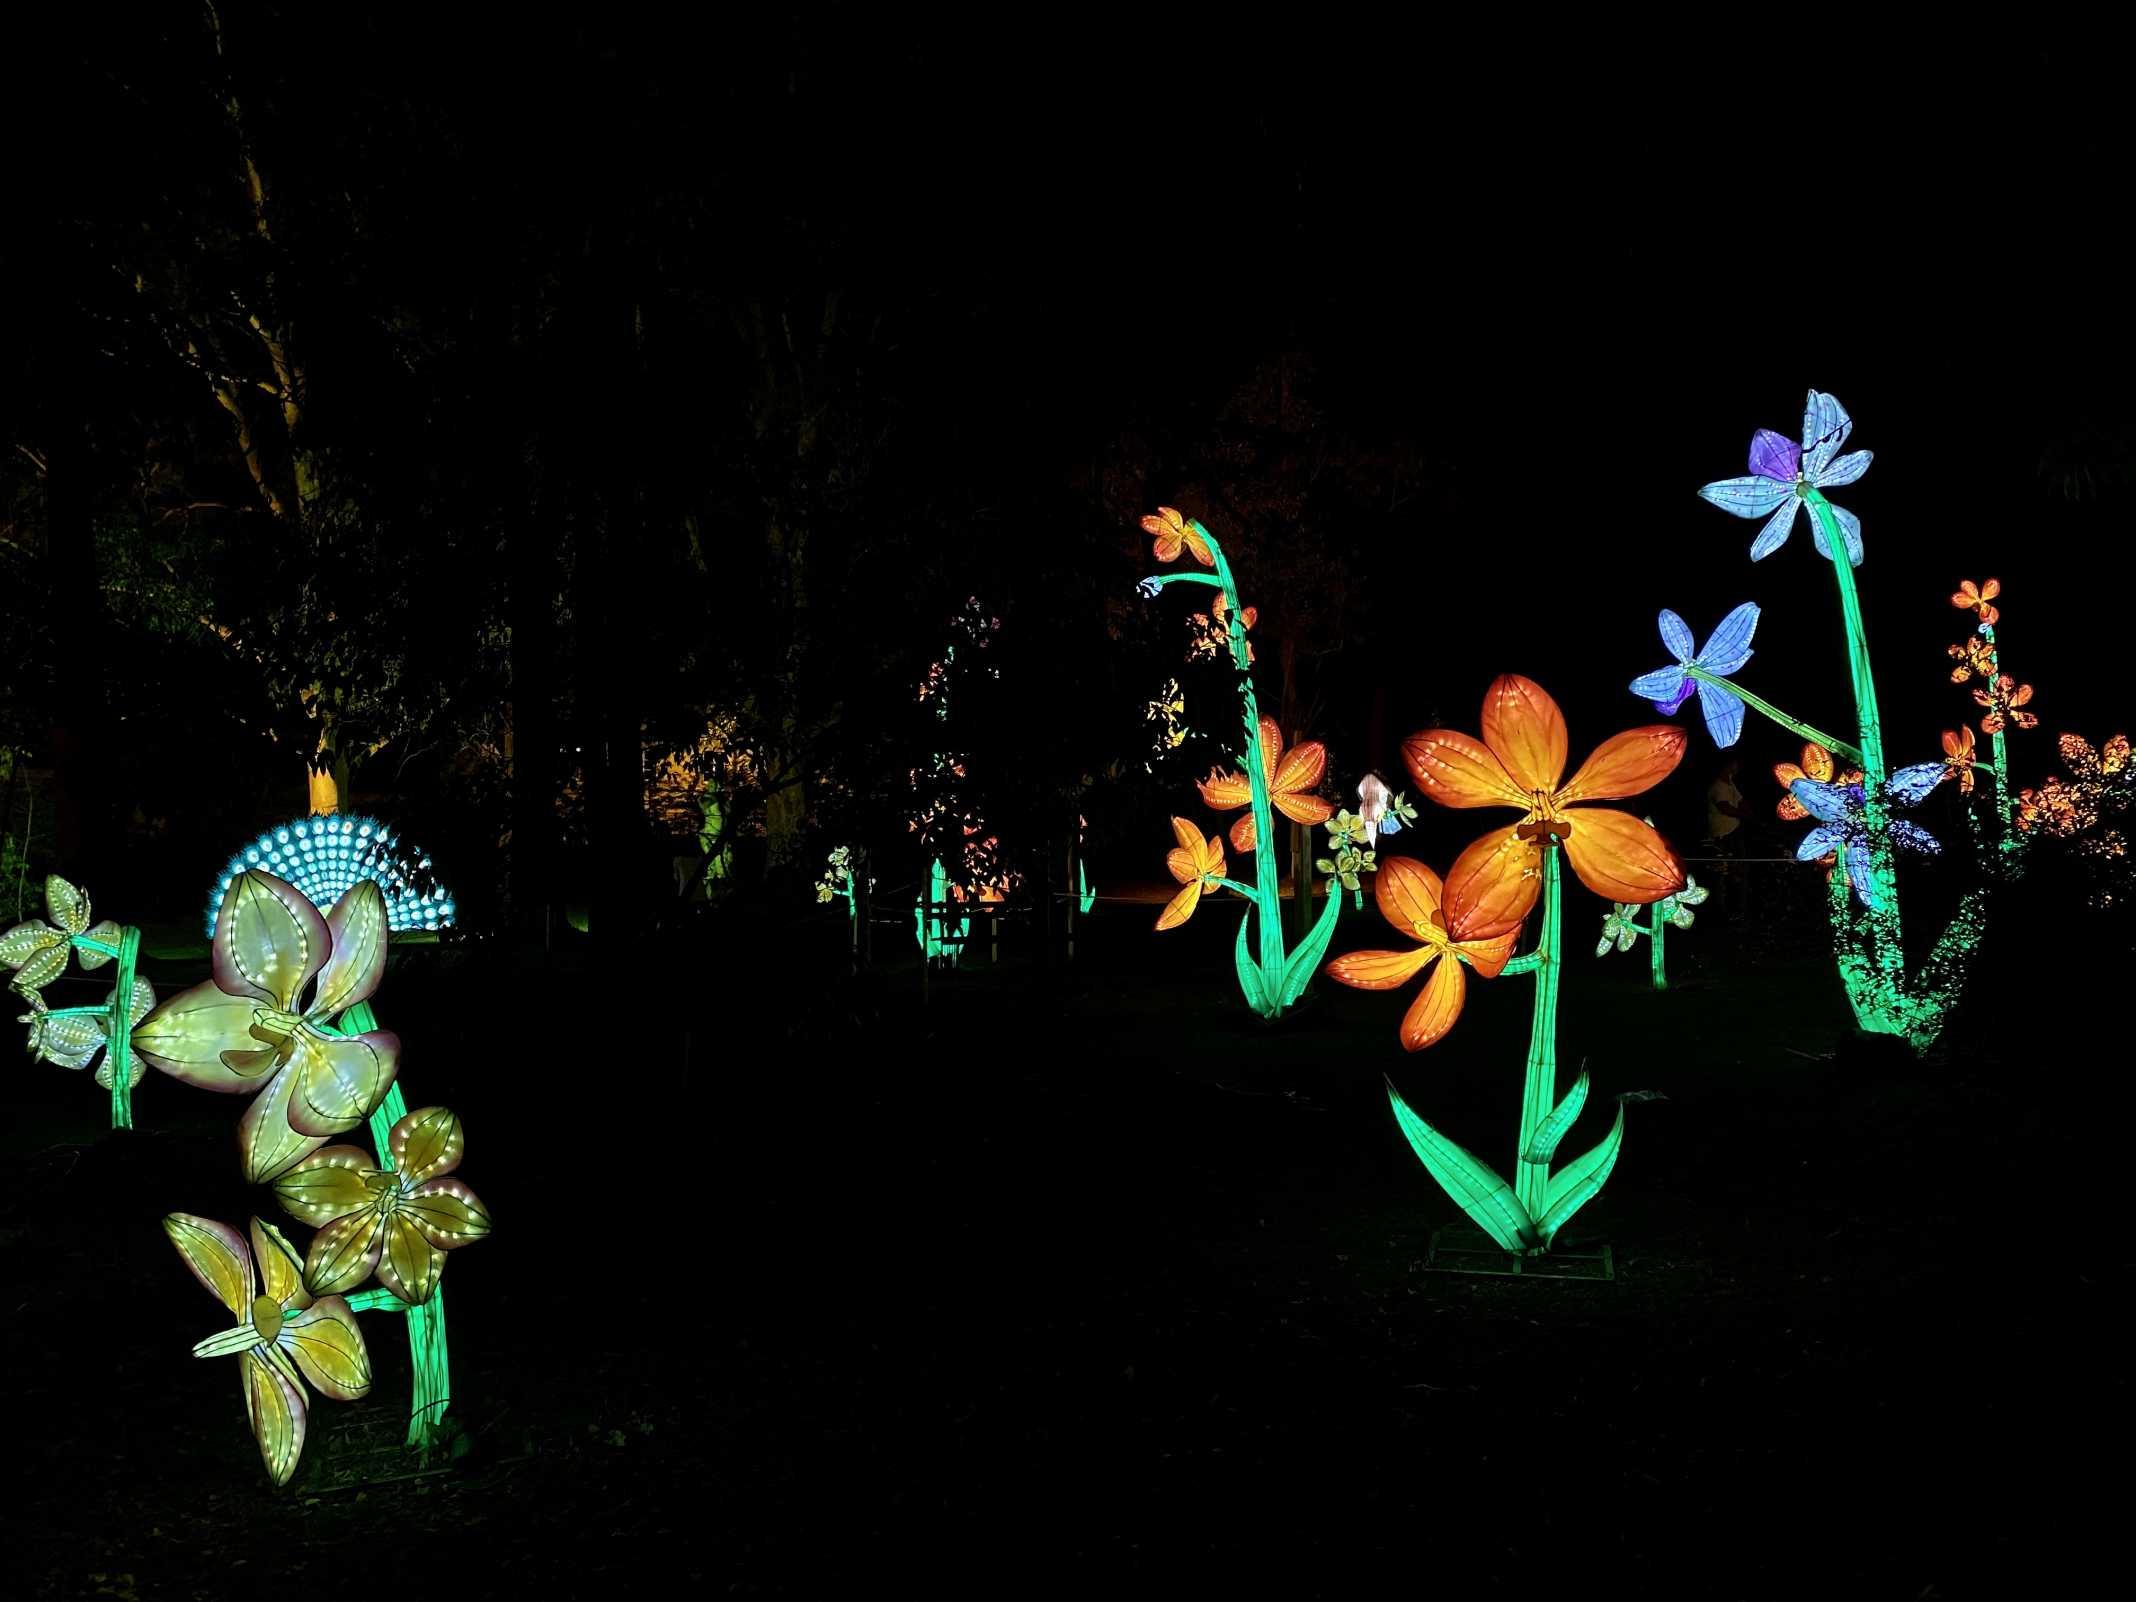 evento luzes portugal